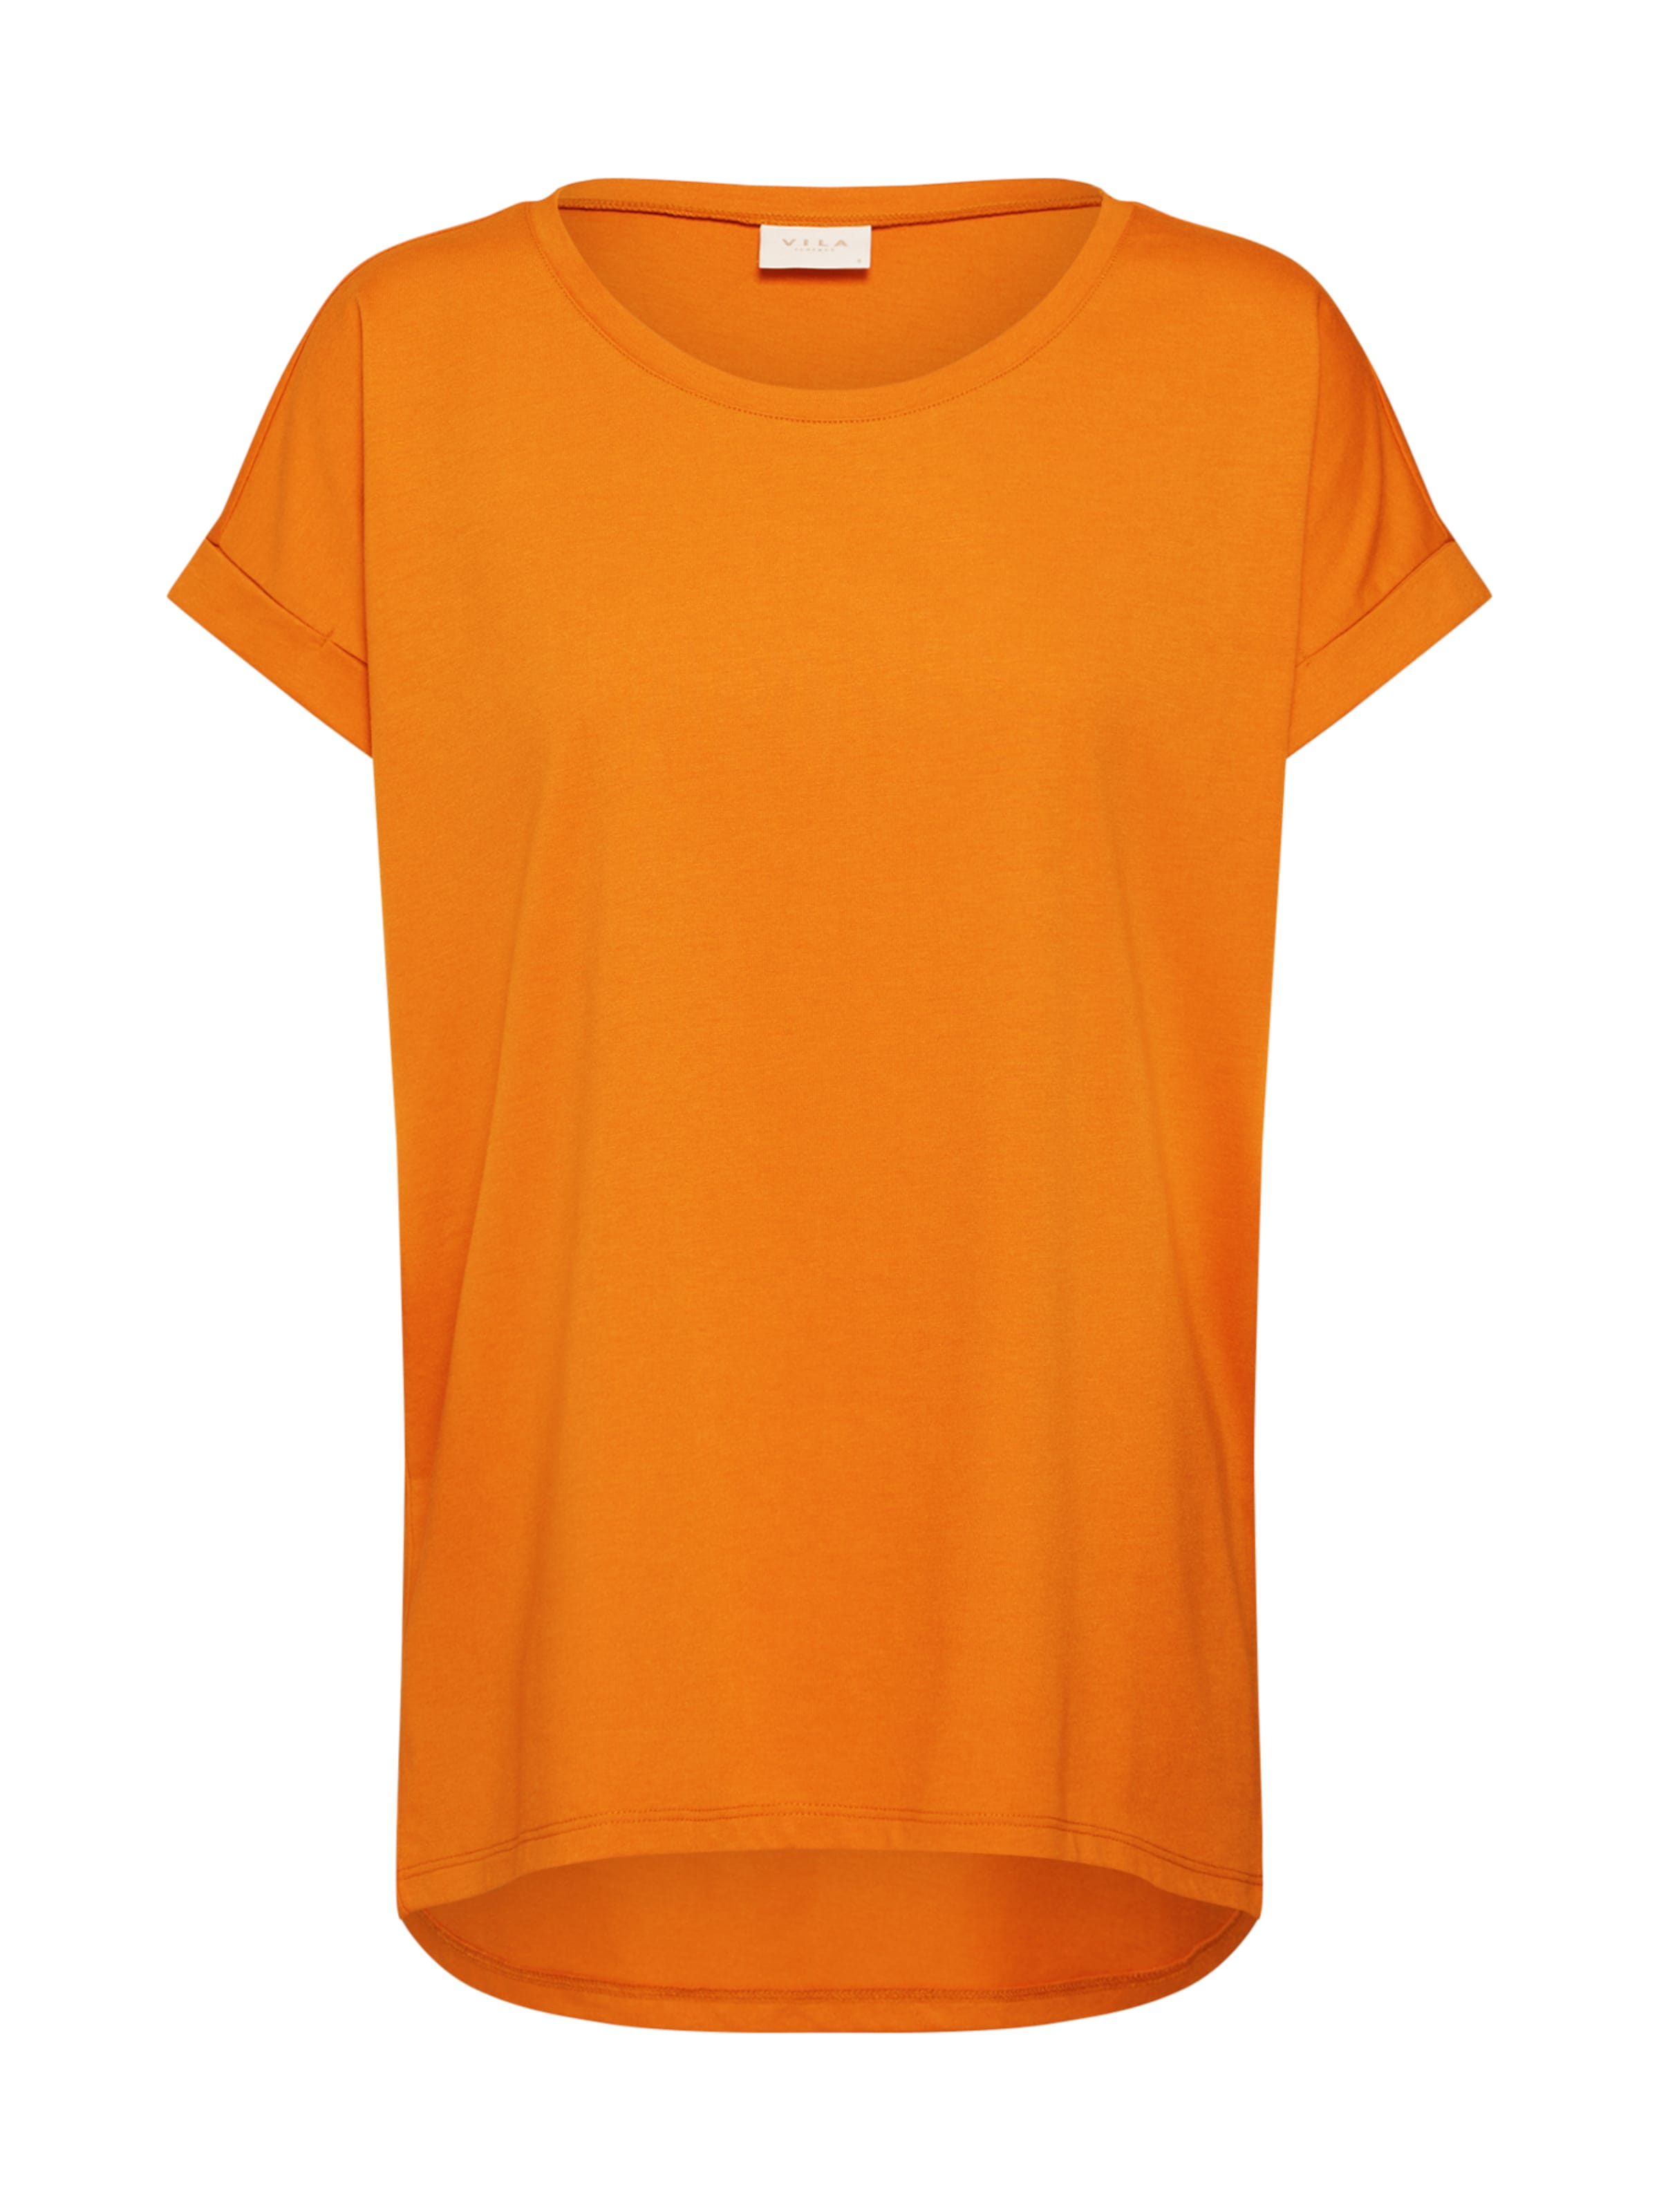 Shirt In Vila Shirt Dunkelgelb In Vila 'dreamers' Vila 'dreamers' Dunkelgelb MVSUzp